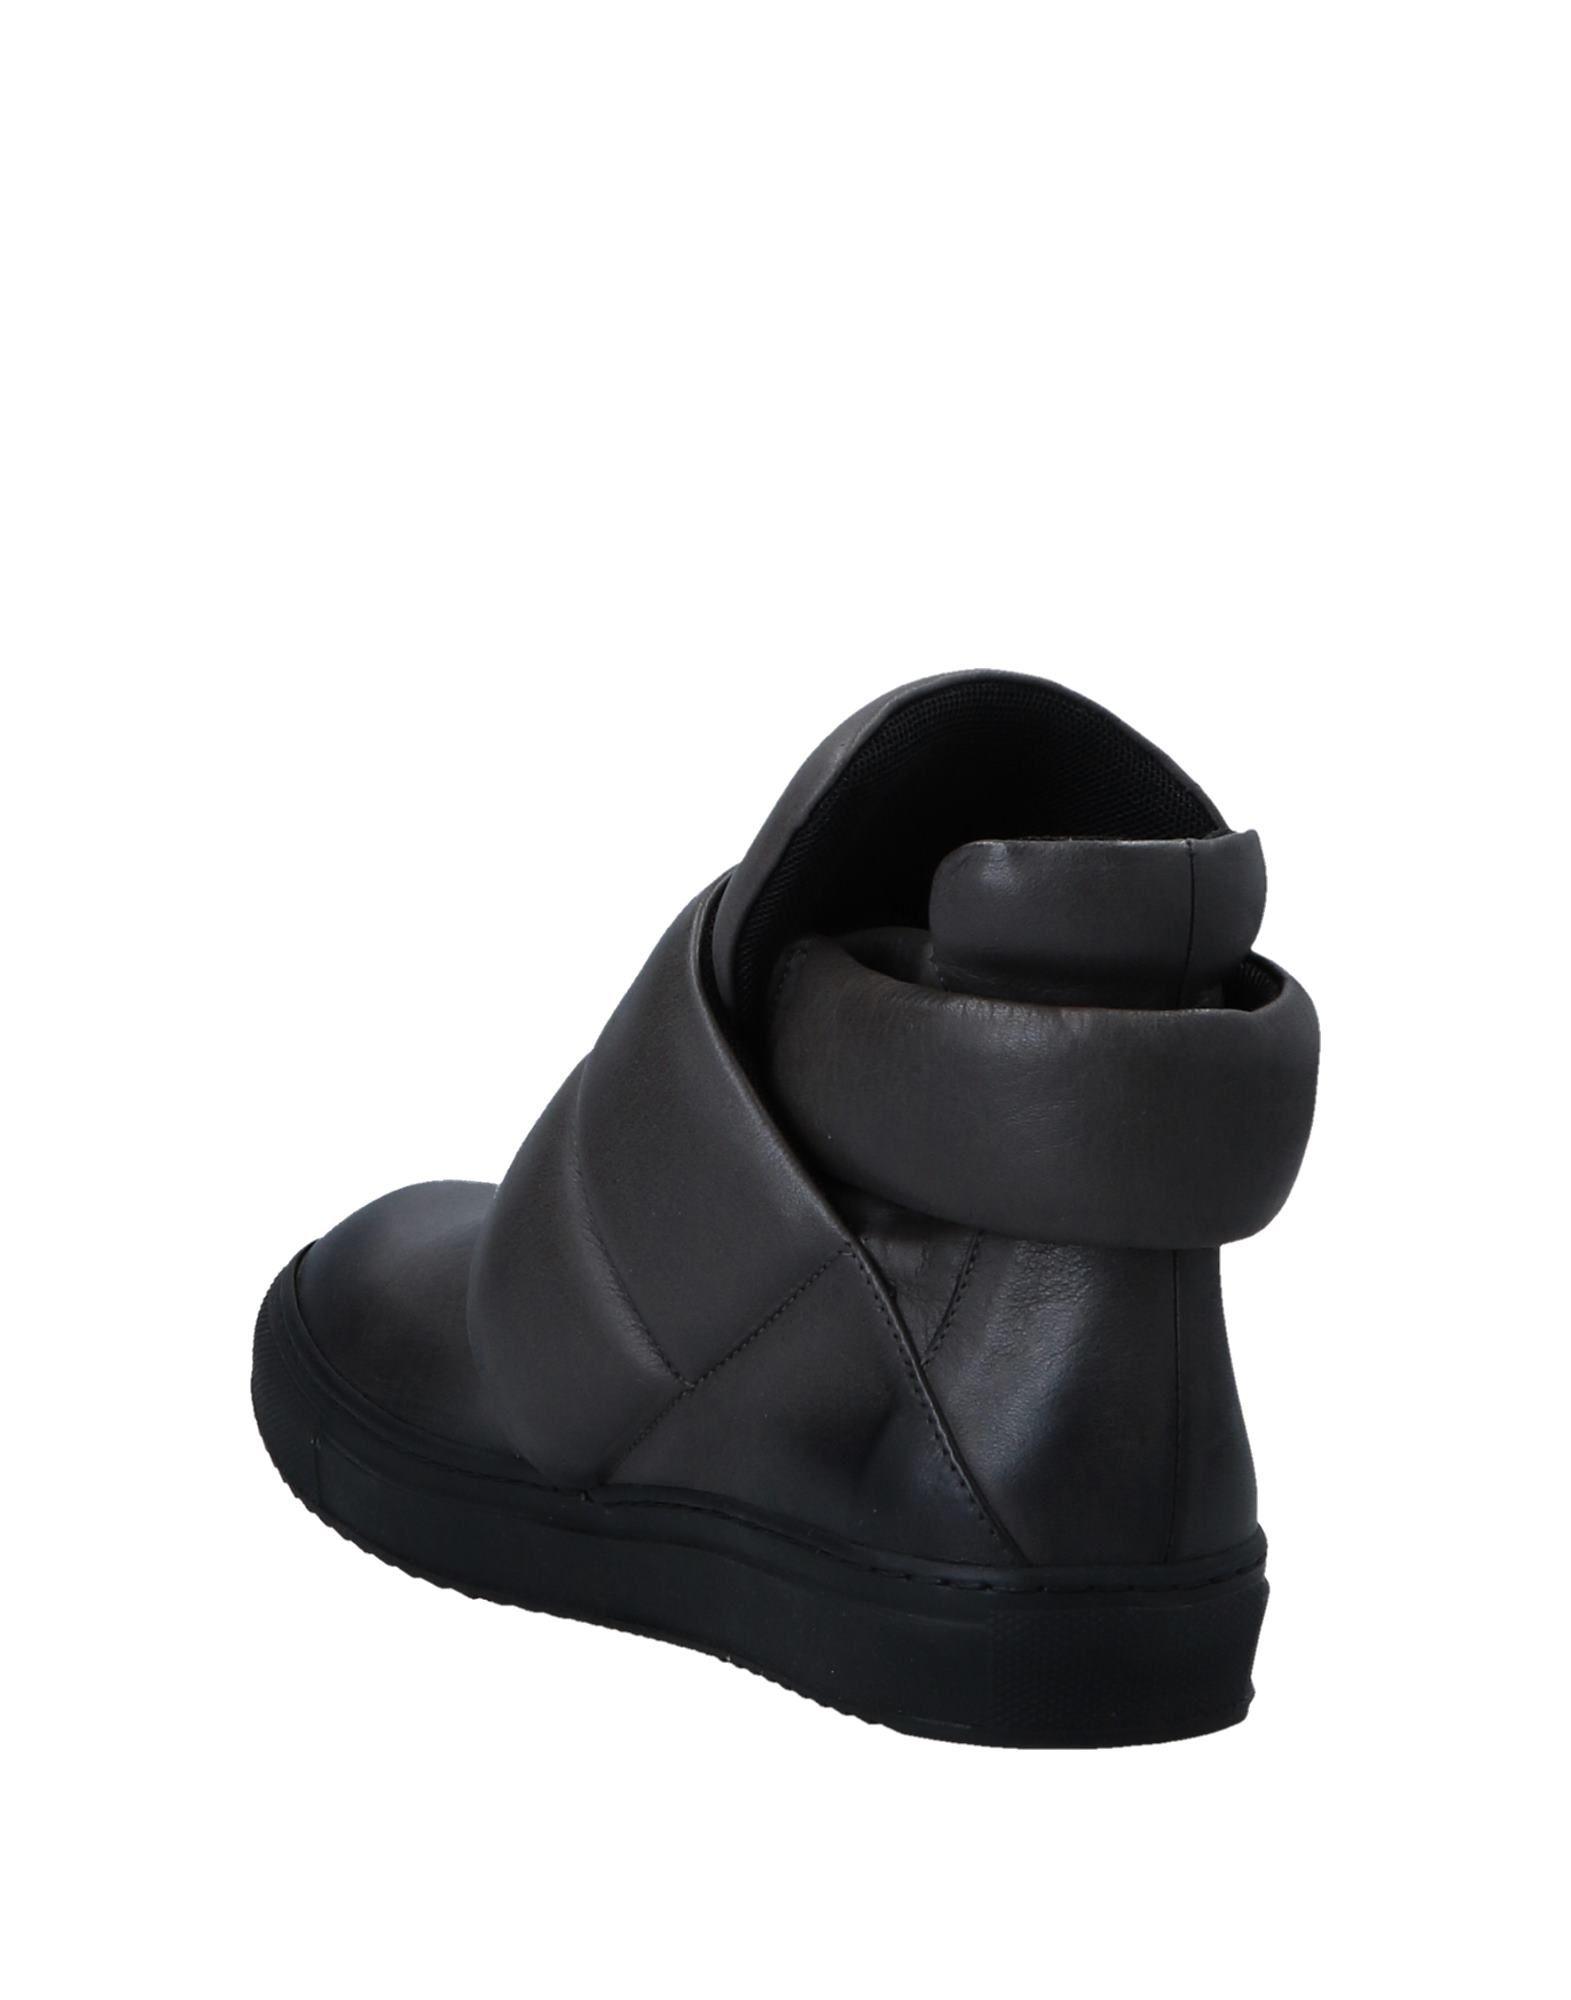 schwarz Label strapazierfähige Stiefelette Damen 11543239VOGut aussehende strapazierfähige Label Schuhe dcdebe